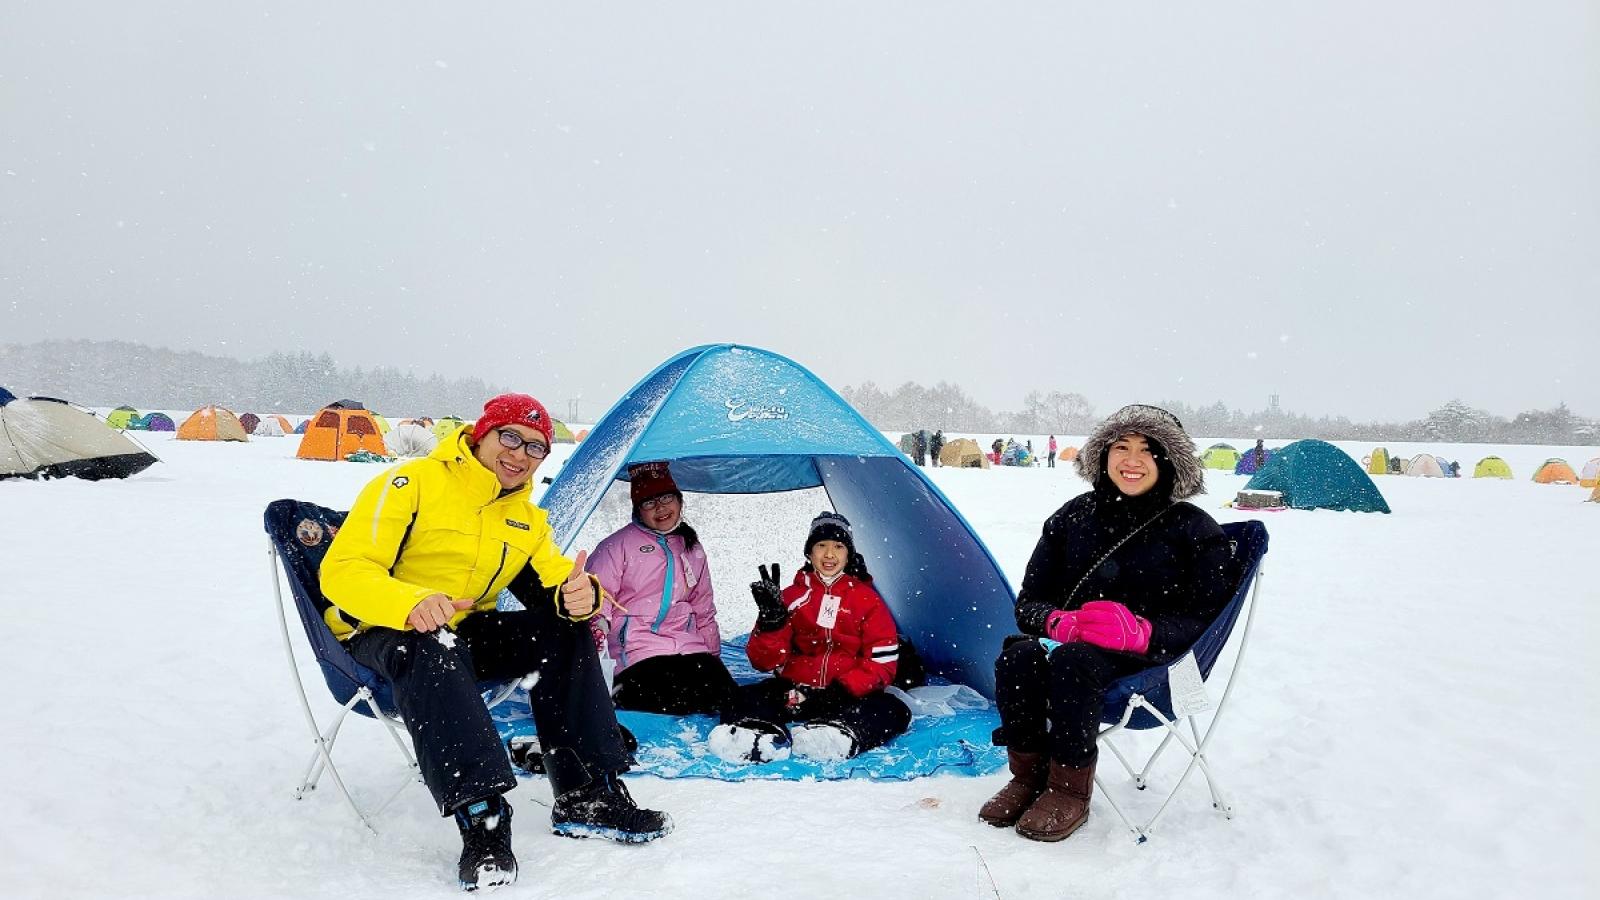 """Đi cắm trại - cơ hội """"vàng"""" để hiểu và dạy con cách xử lý tình huống"""